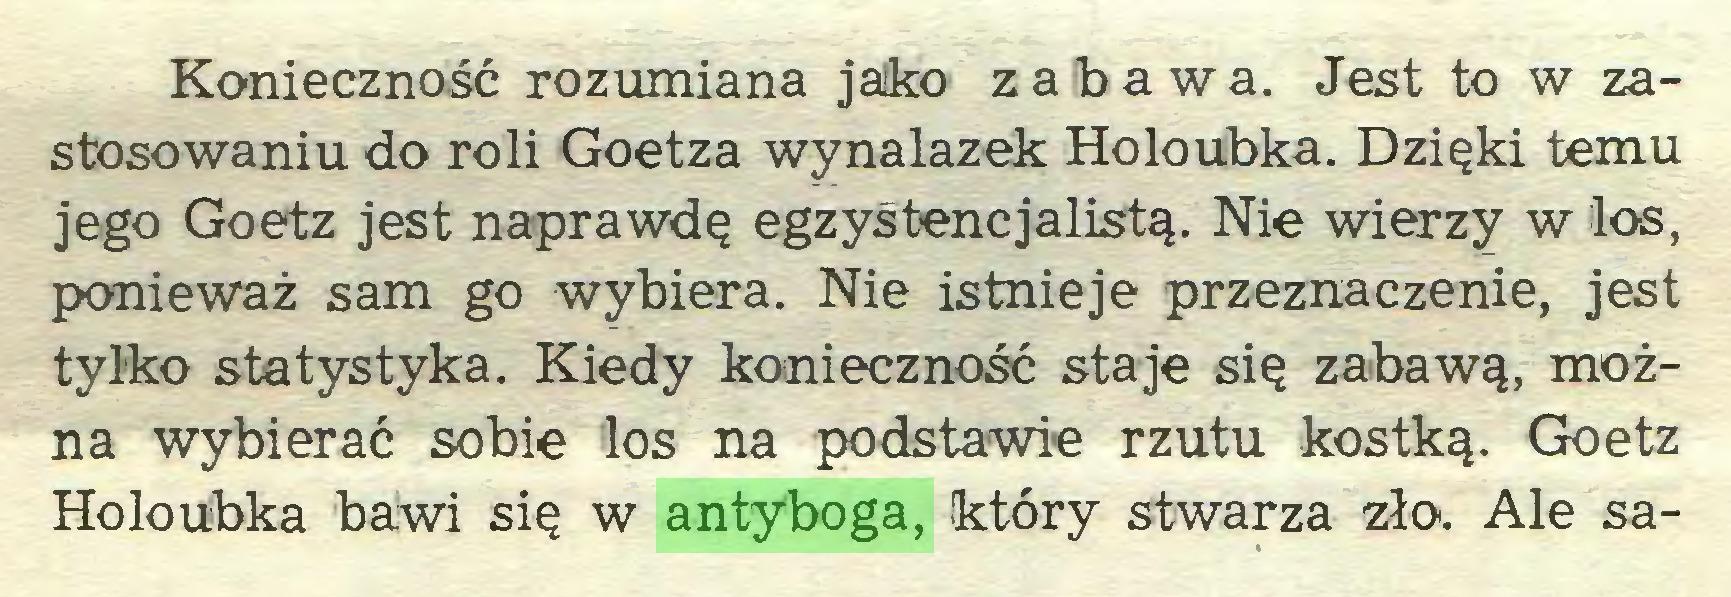 (...) Konieczność rozumiana jako zabawa. Jest to w zastosowaniu do roli Goetza wynalazek Holoubka. Dzięki temu jego Goetz jest naprawdę egzyśtencjalistą. Nie wierzy w los, ponieważ sam go wybiera. Nie istnieje przeznaczenie, jest tylko statystyka. Kiedy konieczność staje się zabawą, można wybierać sobie los na podstawie rzutu kostką. Goetz Holoubka bawi się w antyboga, który stwarza zło. Ale sa...